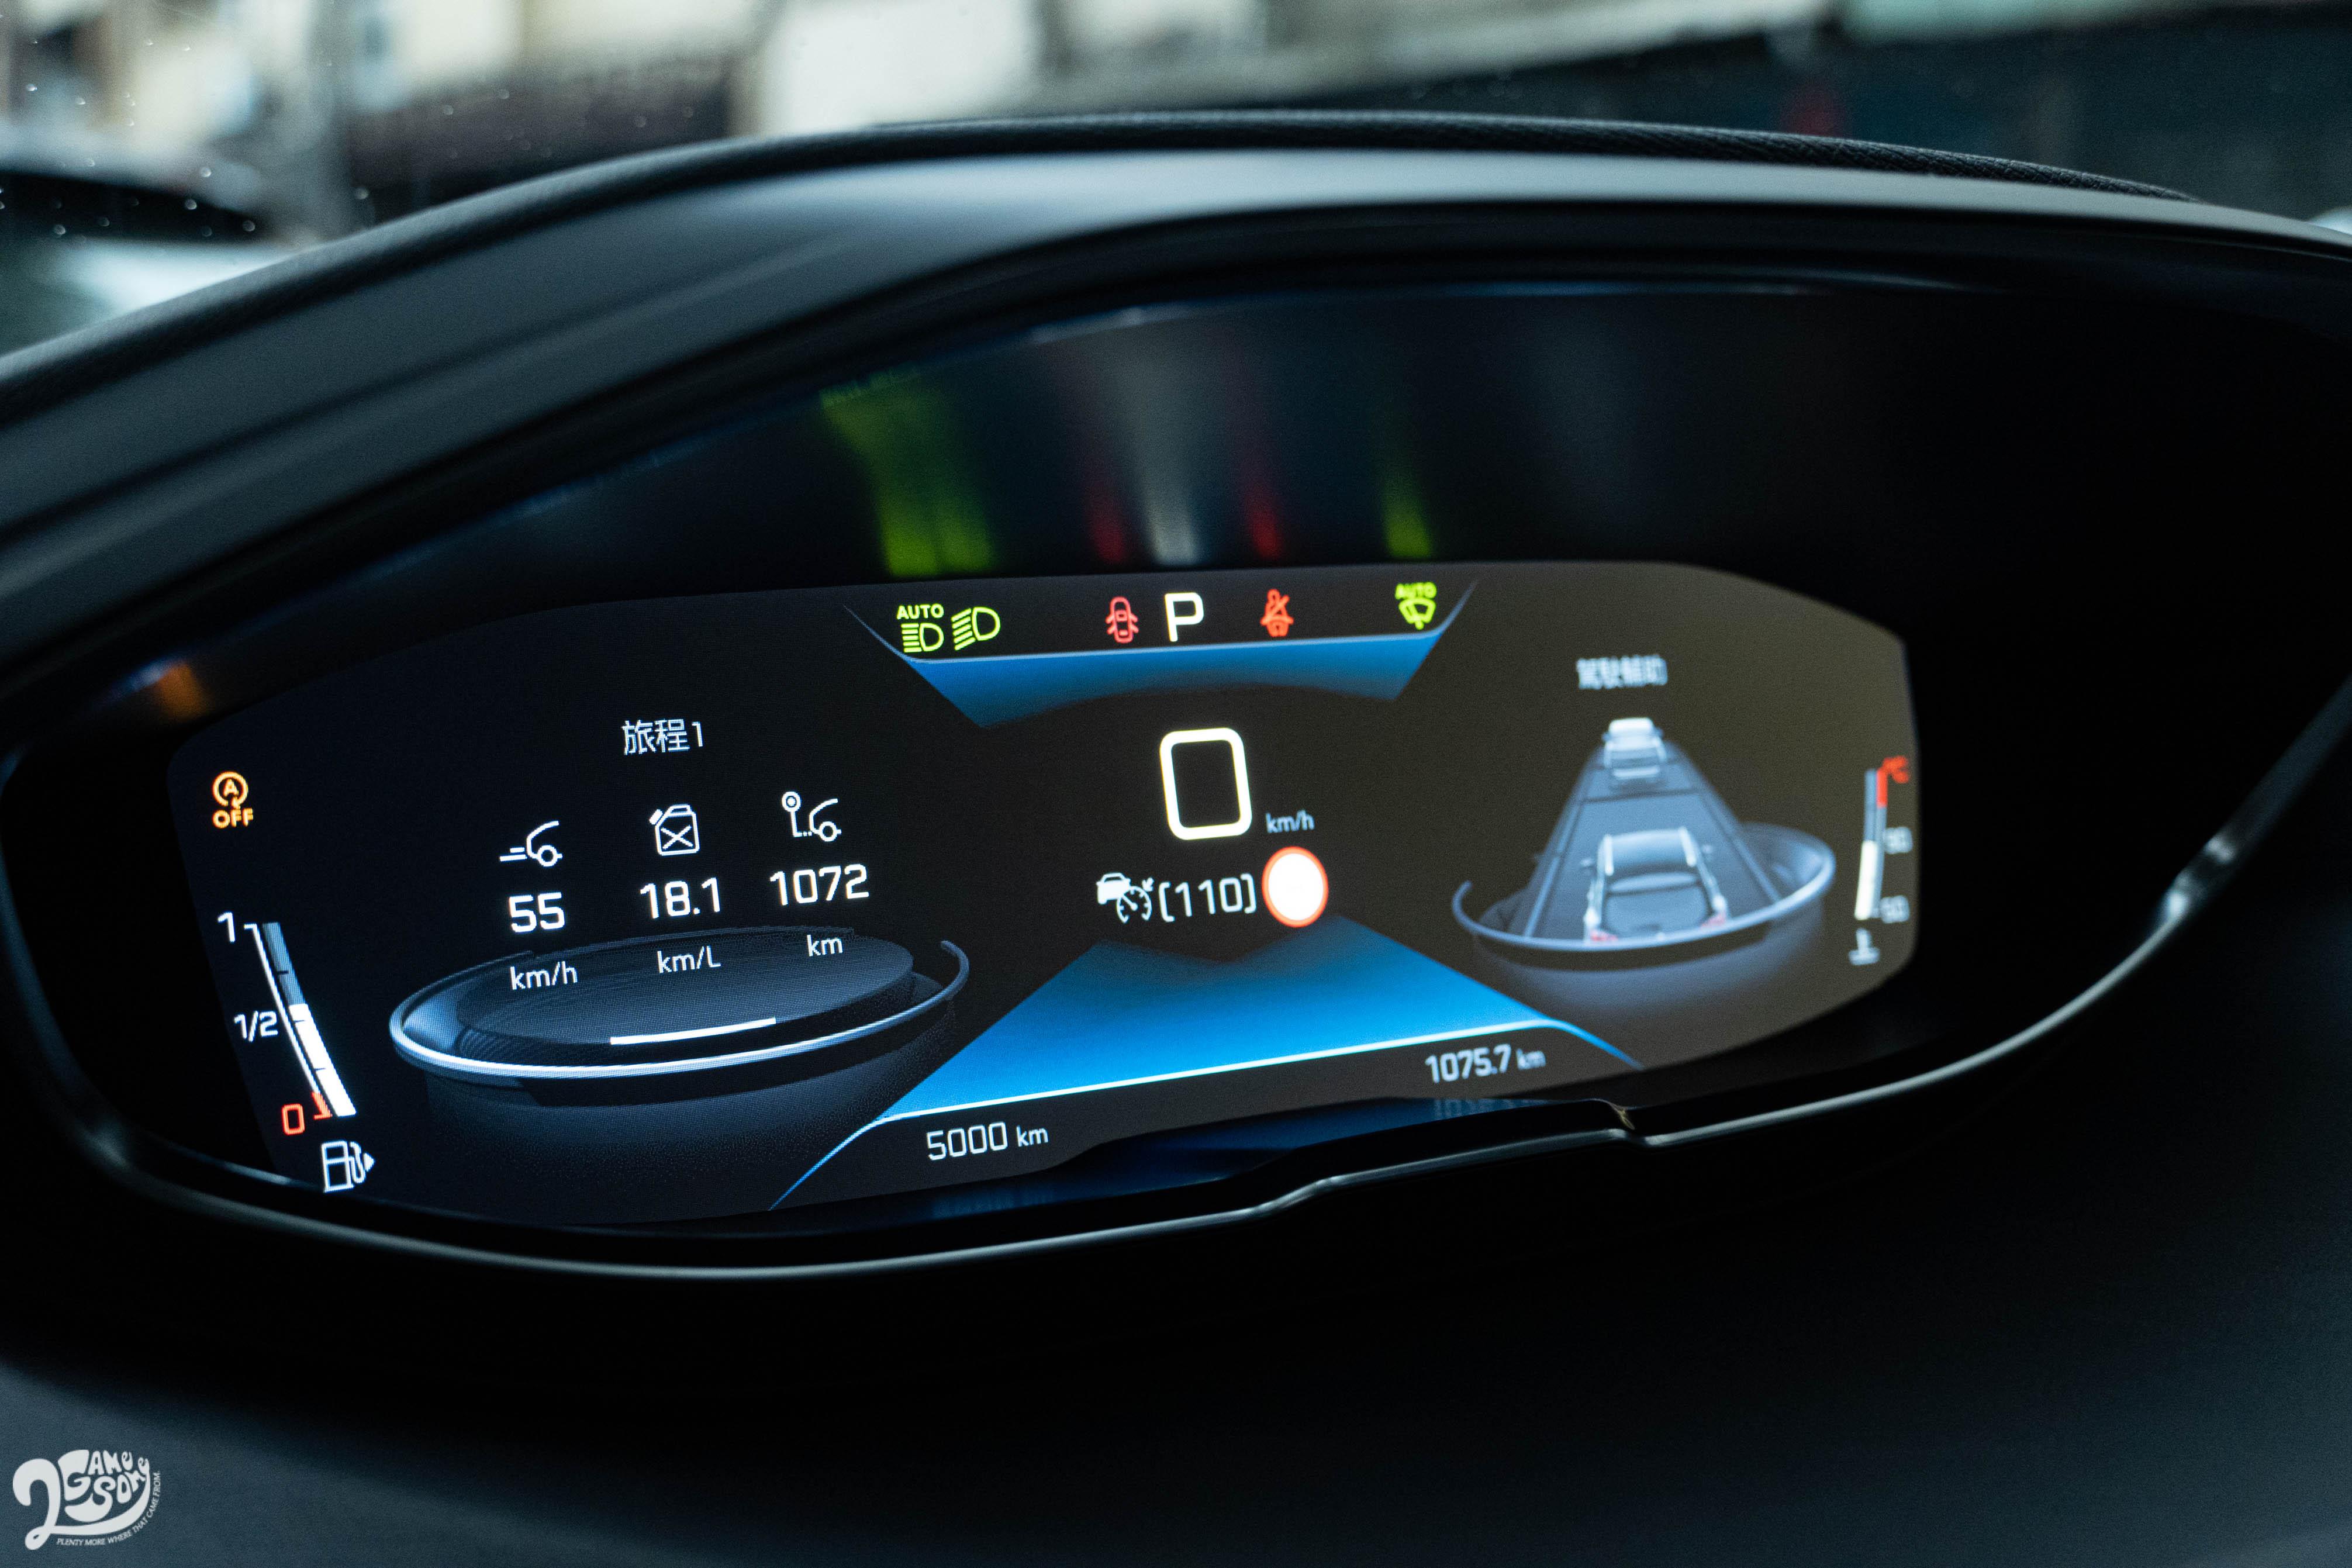 經過 1,000 多公里、大約 2/3 是高速公路的長途試駕,儀表上所顯示的平均油耗還有 18.1 km/L,與規格表上的 18.4 相去不遠。